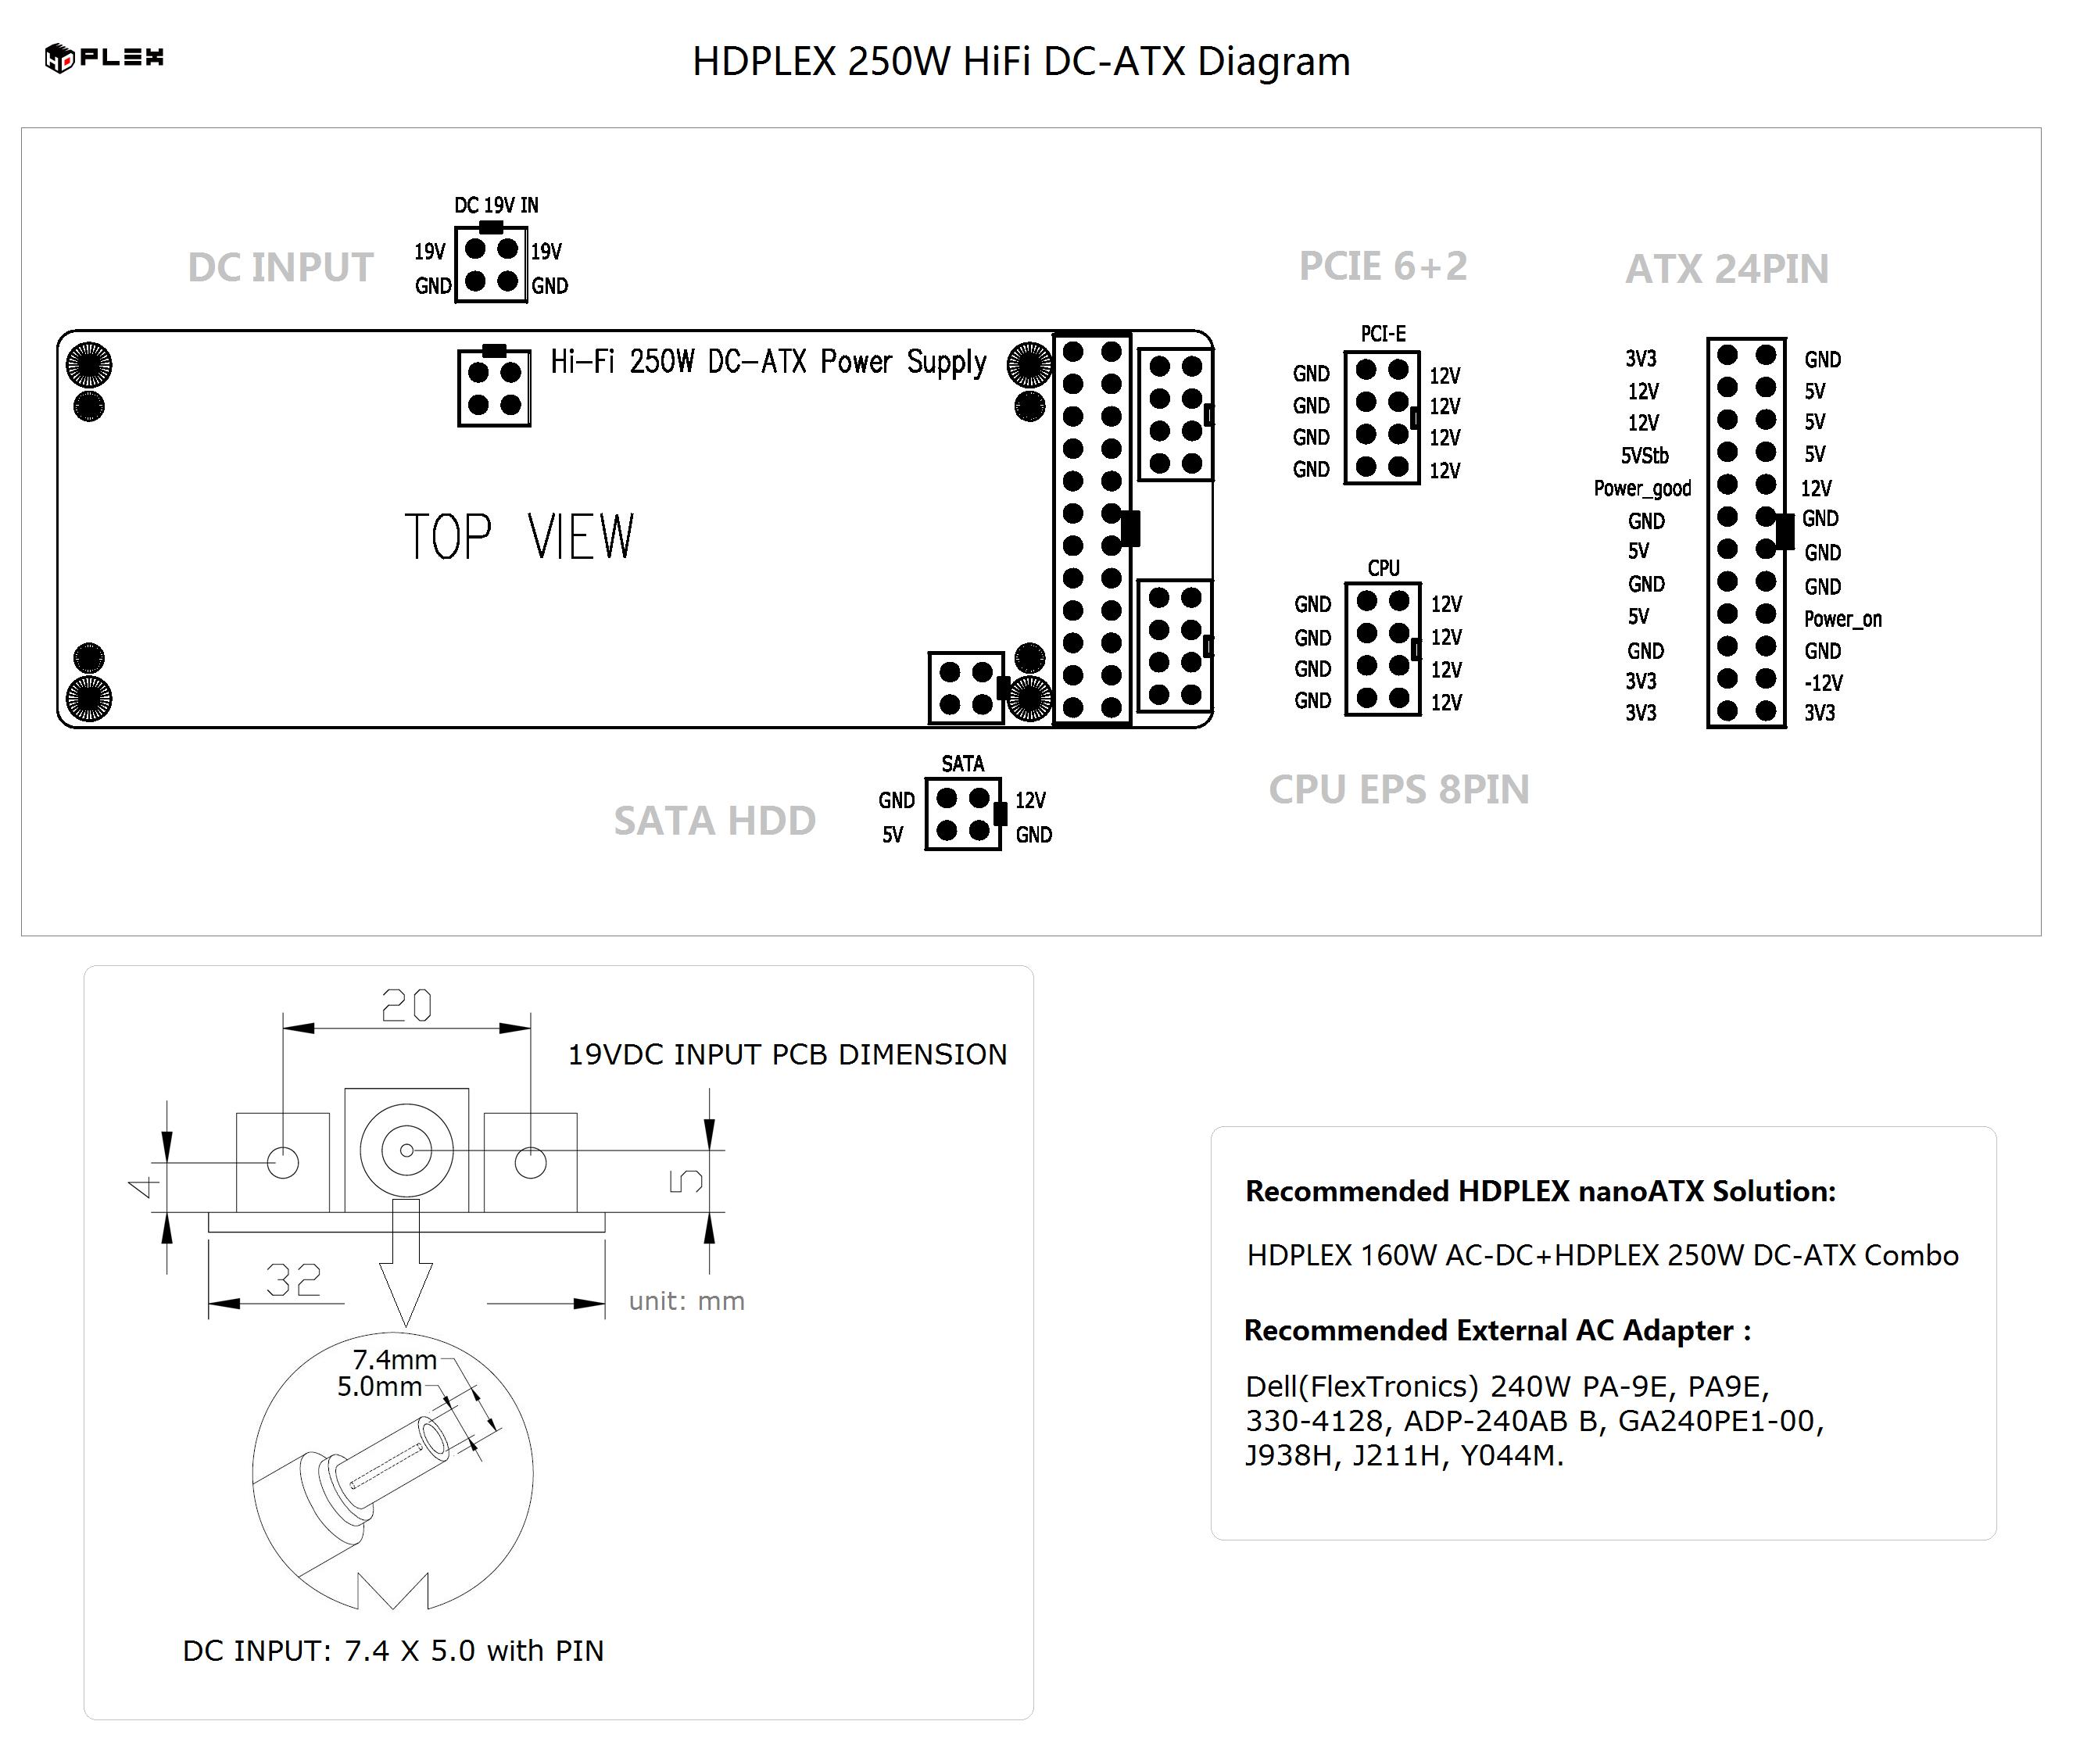 Hdplex 400w Hifi Dc Atx Converter 450 W Smps Circuit Diagram Hardware Compatibility